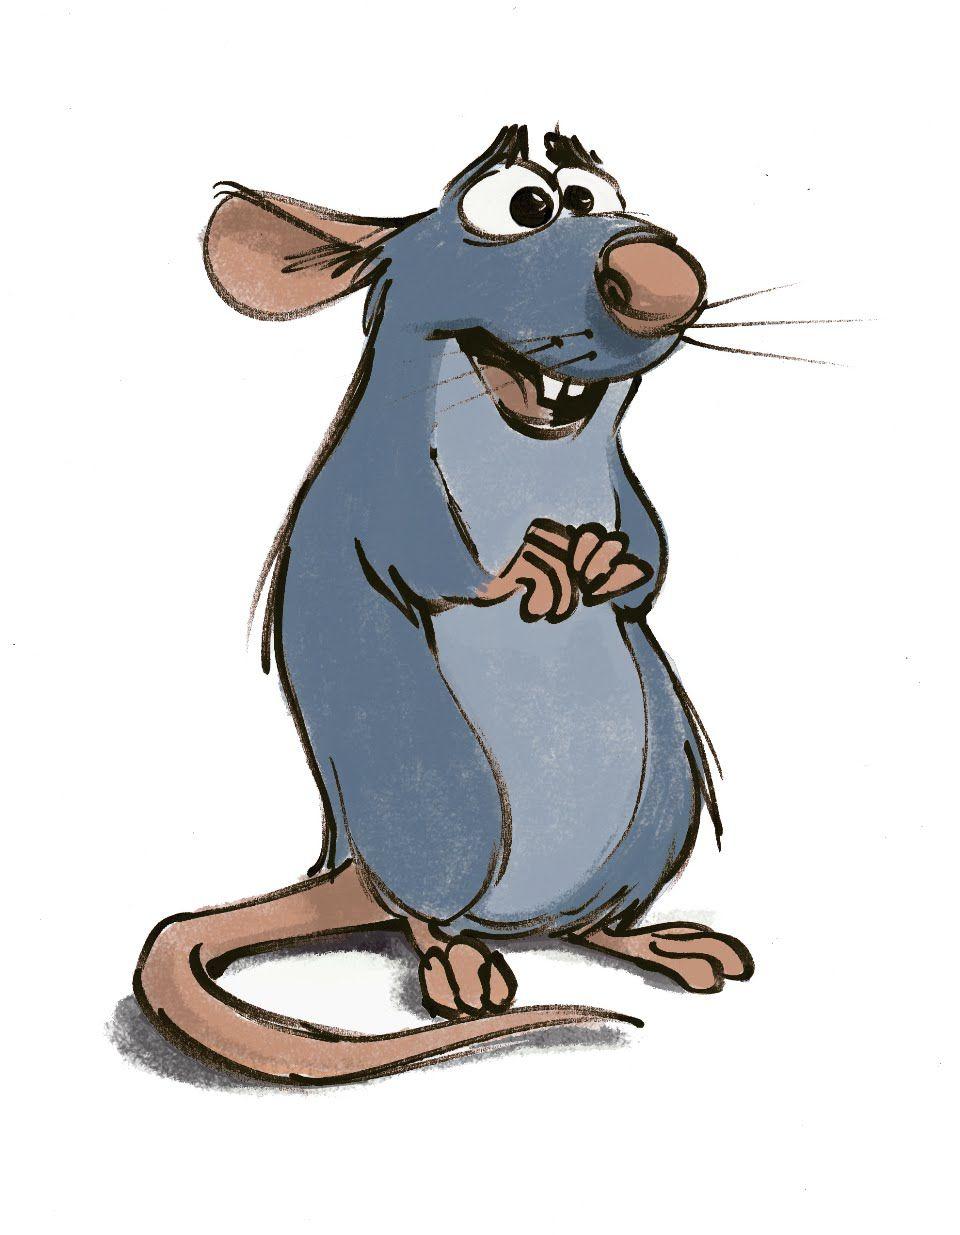 Arte conceptual de Remy (Ratatouille) - Jason Deamer